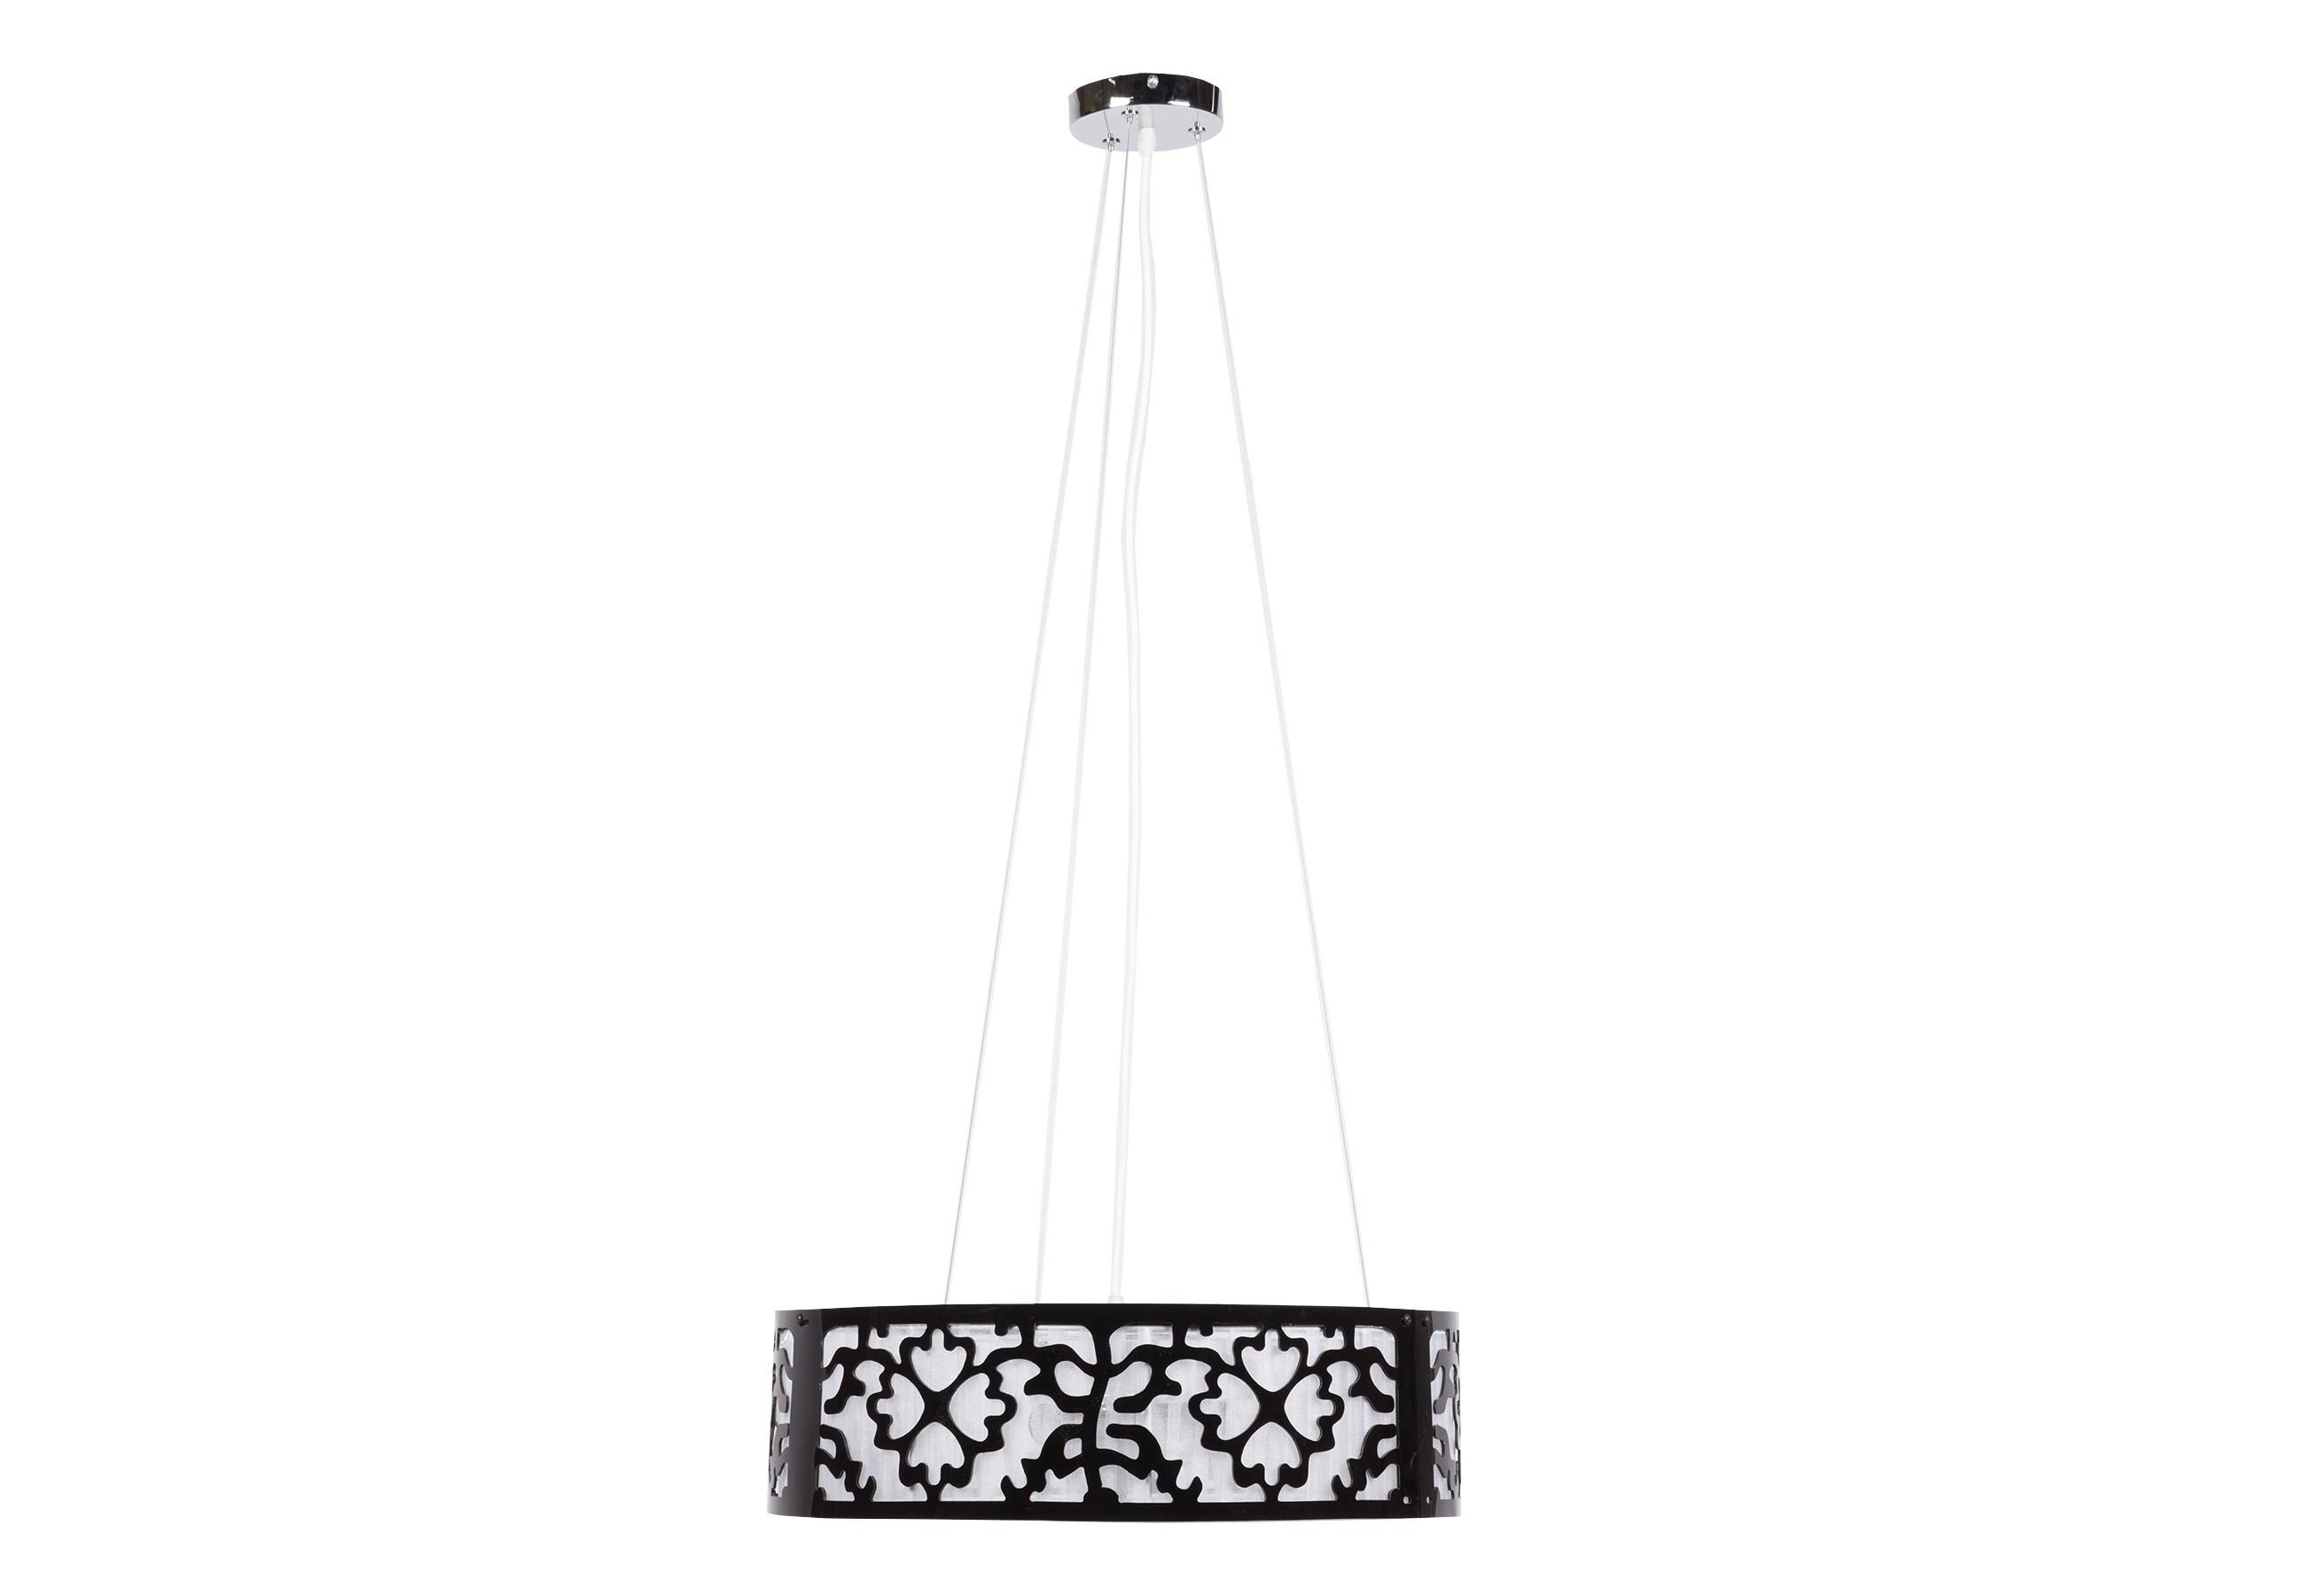 Люстра LoftПодвесные светильники<br>Подвесная люстра: абажур черный акрил и белое стекло размером диаметр 50 см, высота 15 см; основание хромированное железо; предназначена для использования со светодиодными лампами&amp;amp;nbsp;&amp;lt;div&amp;gt;&amp;lt;br&amp;gt;&amp;lt;/div&amp;gt;&amp;lt;div&amp;gt;&amp;lt;div&amp;gt;Вид цоколя: E14&amp;lt;/div&amp;gt;&amp;lt;div&amp;gt;Мощность: &amp;amp;nbsp;40W&amp;amp;nbsp;&amp;lt;/div&amp;gt;&amp;lt;div&amp;gt;Количество ламп: 3 (в комплекте)&amp;lt;/div&amp;gt;&amp;lt;/div&amp;gt;<br><br>Material: Акрил<br>Length см: None<br>Width см: None<br>Height см: 15<br>Diameter см: 50